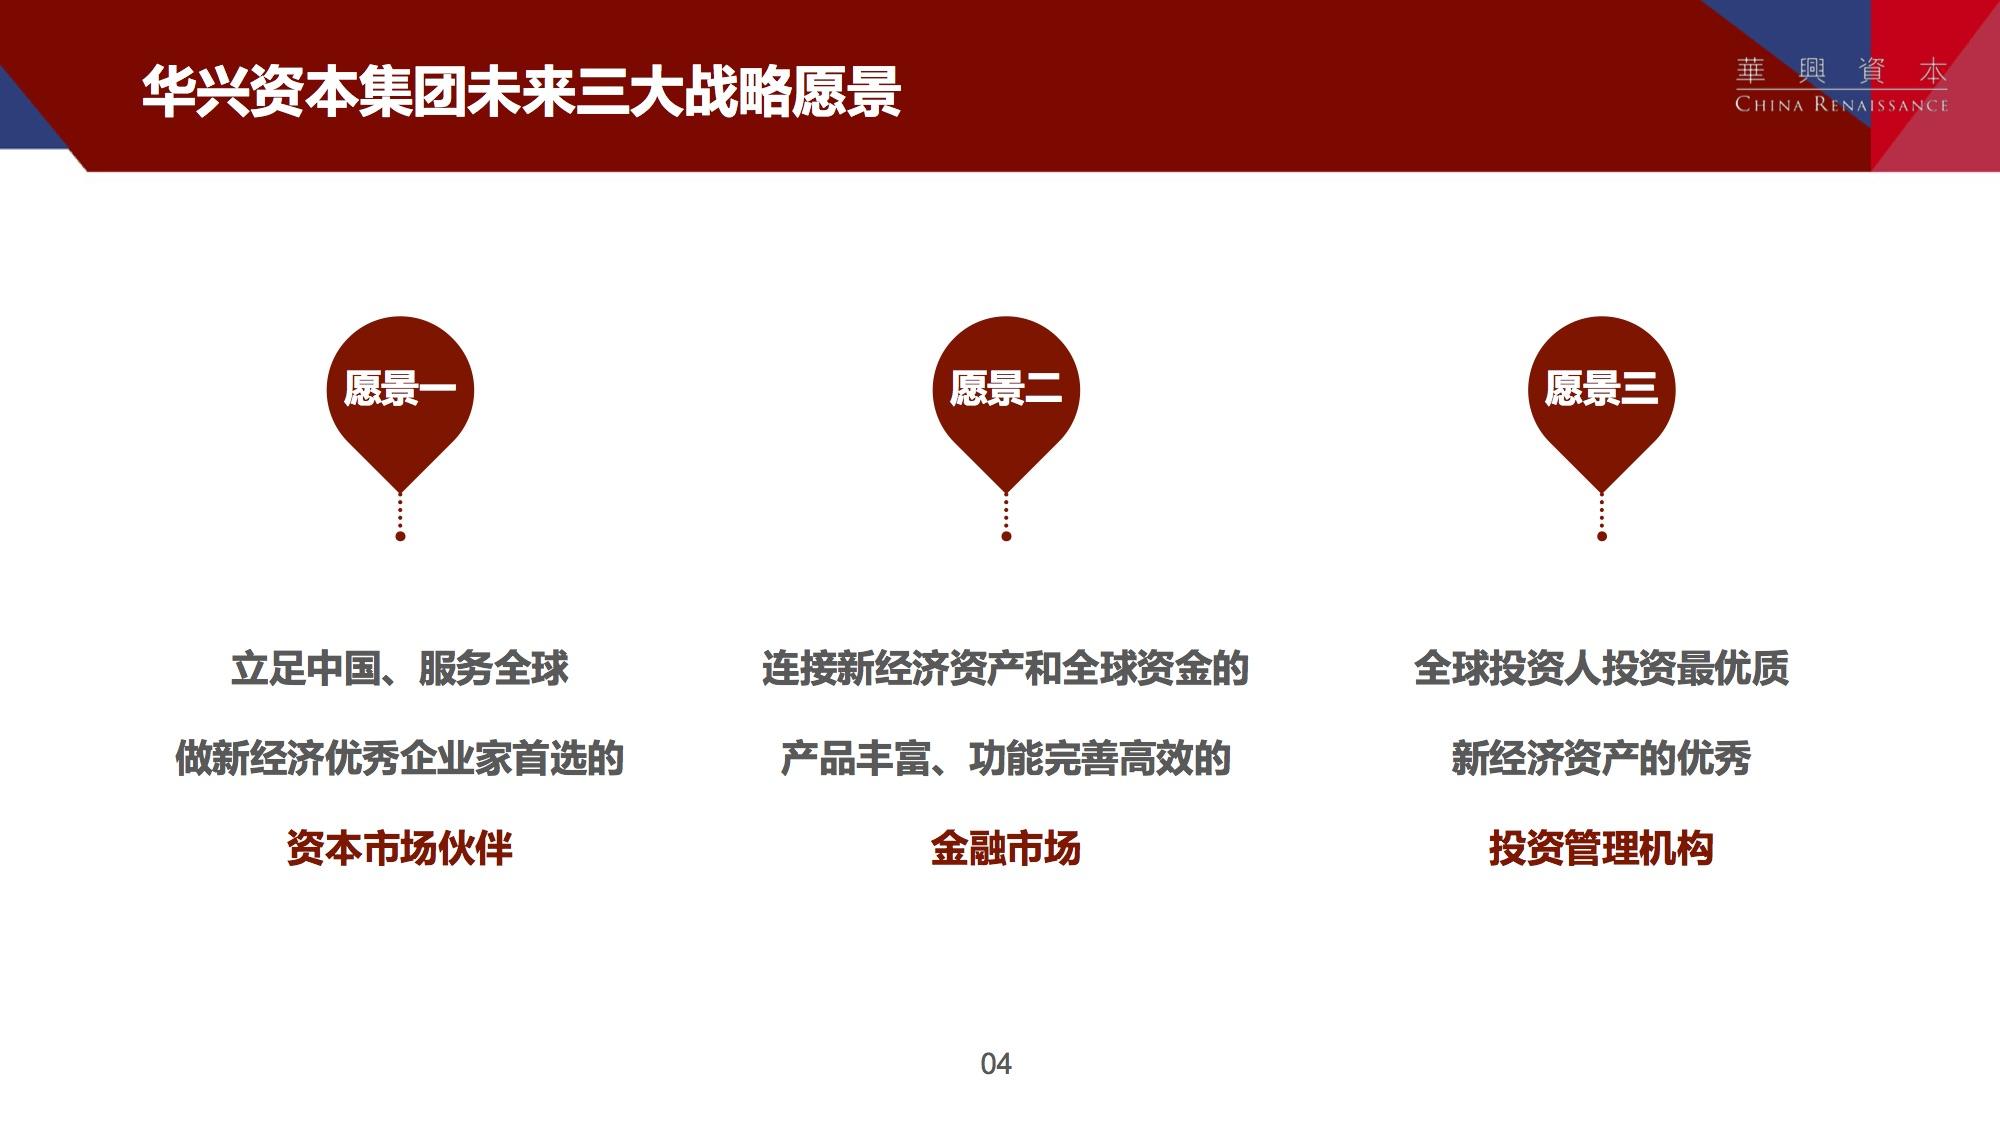 华兴资本集团新年媒体沟通会.jpg